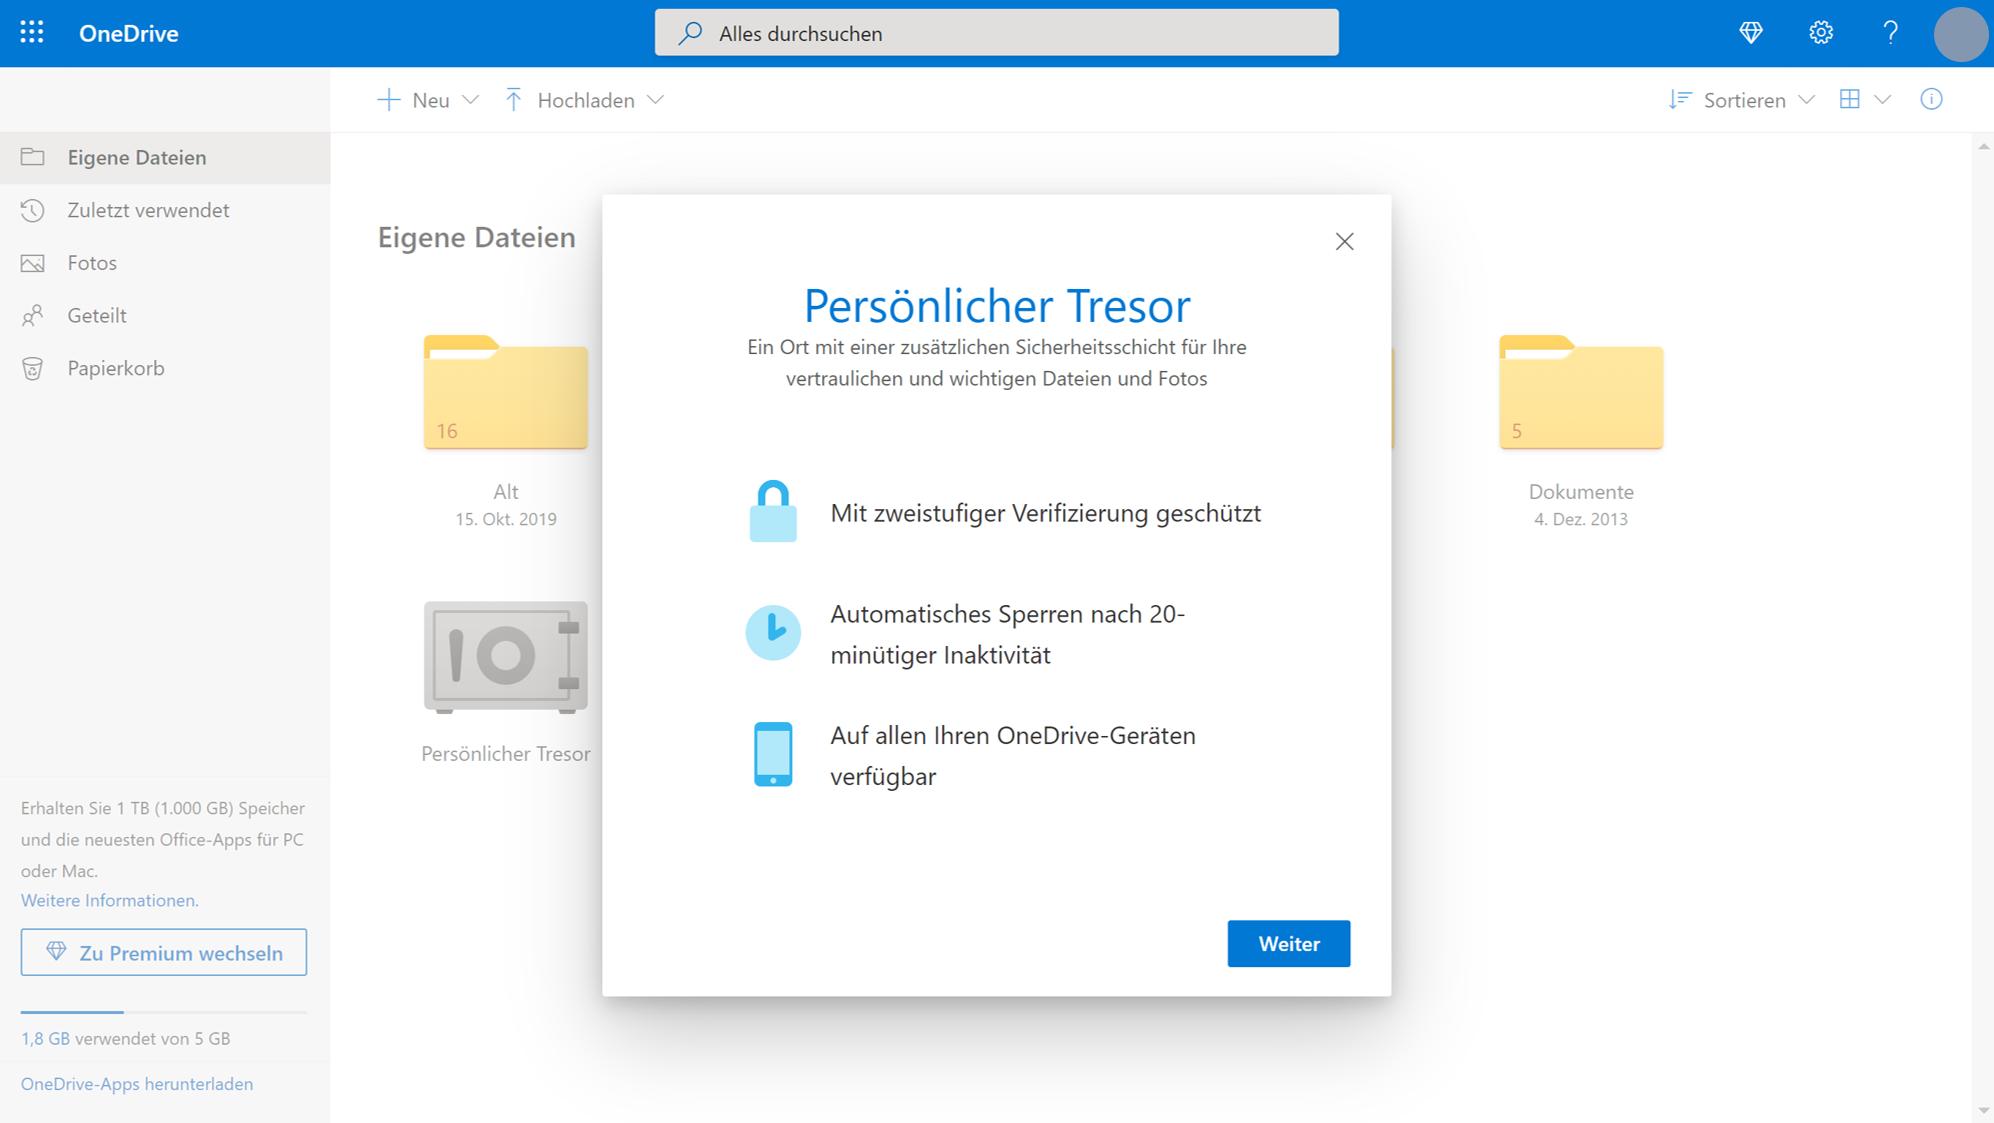 Mit dem persönlichen Tresor verschlüsseln Sie Ihre Dateien bei OneDrive zusätzlich